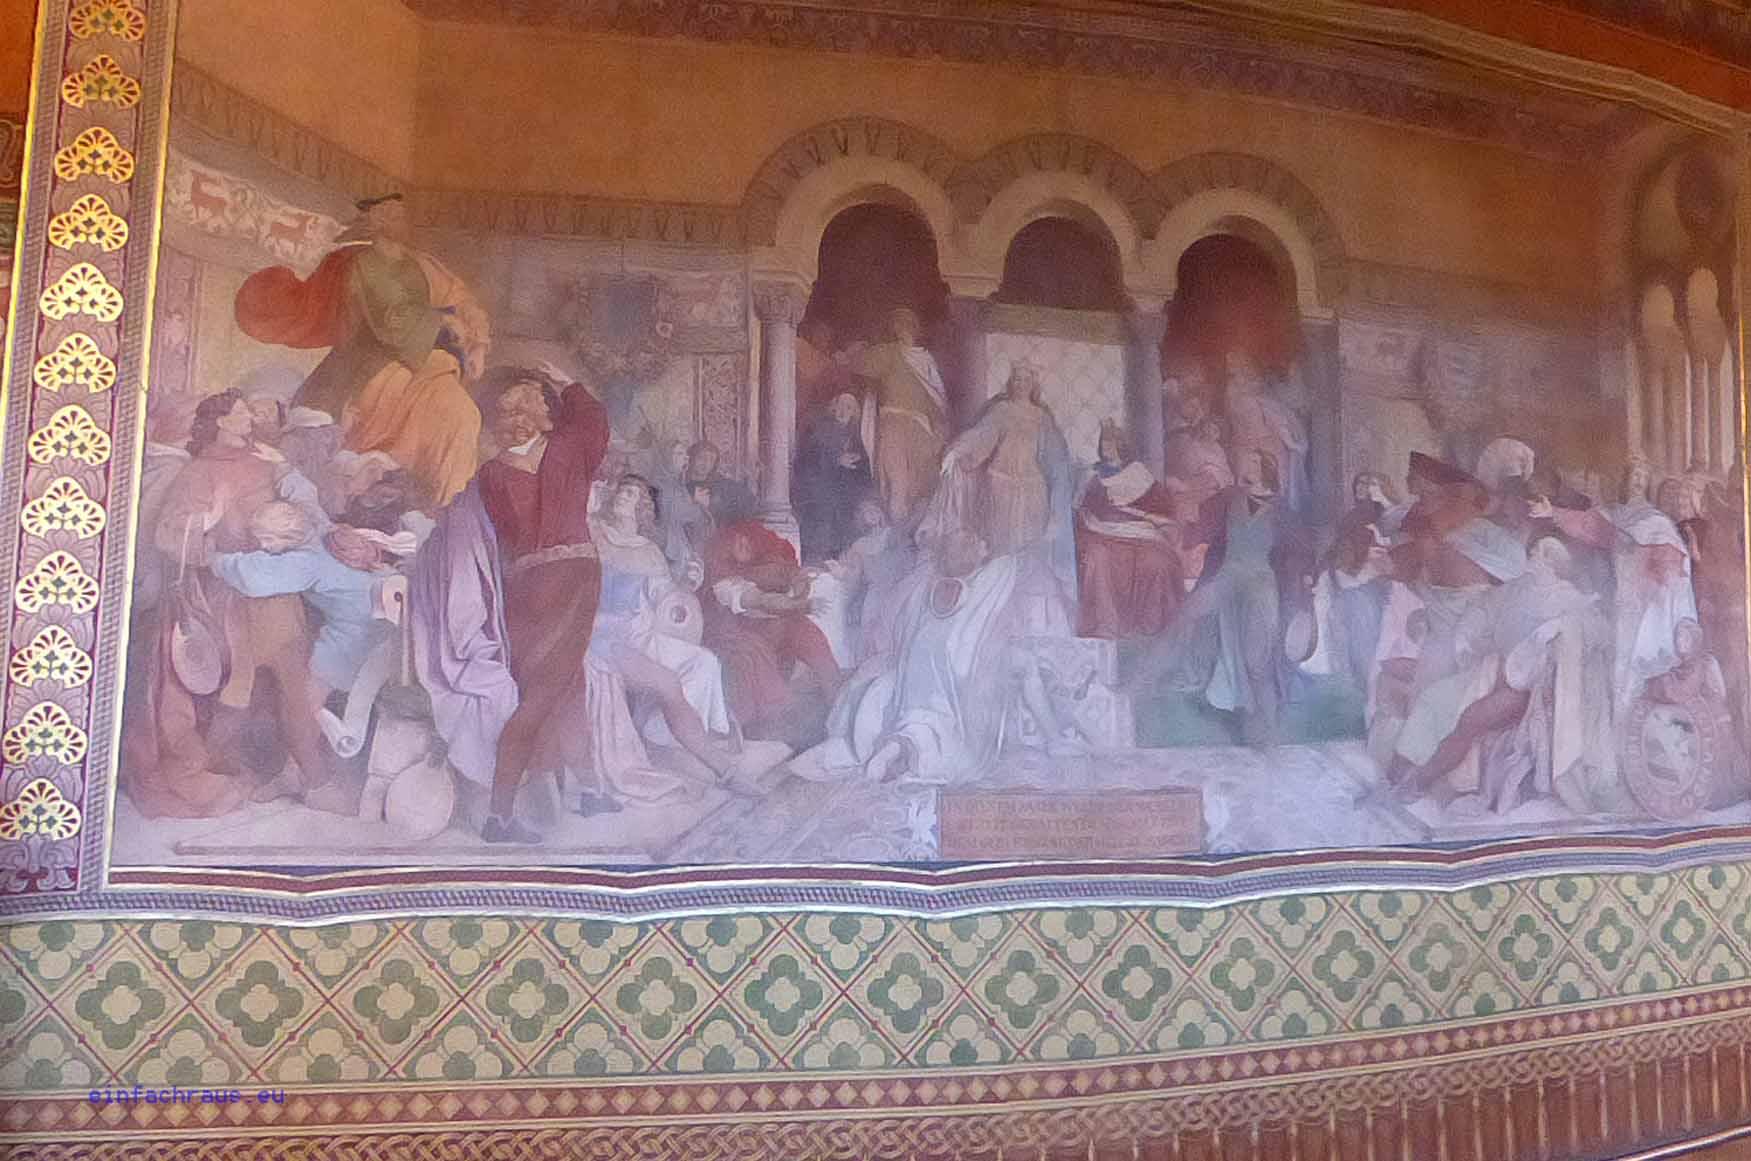 Der Sängerkrieg auf der Wartburg, Fresko von Moritz von Schwindt im Palas der Wartburg